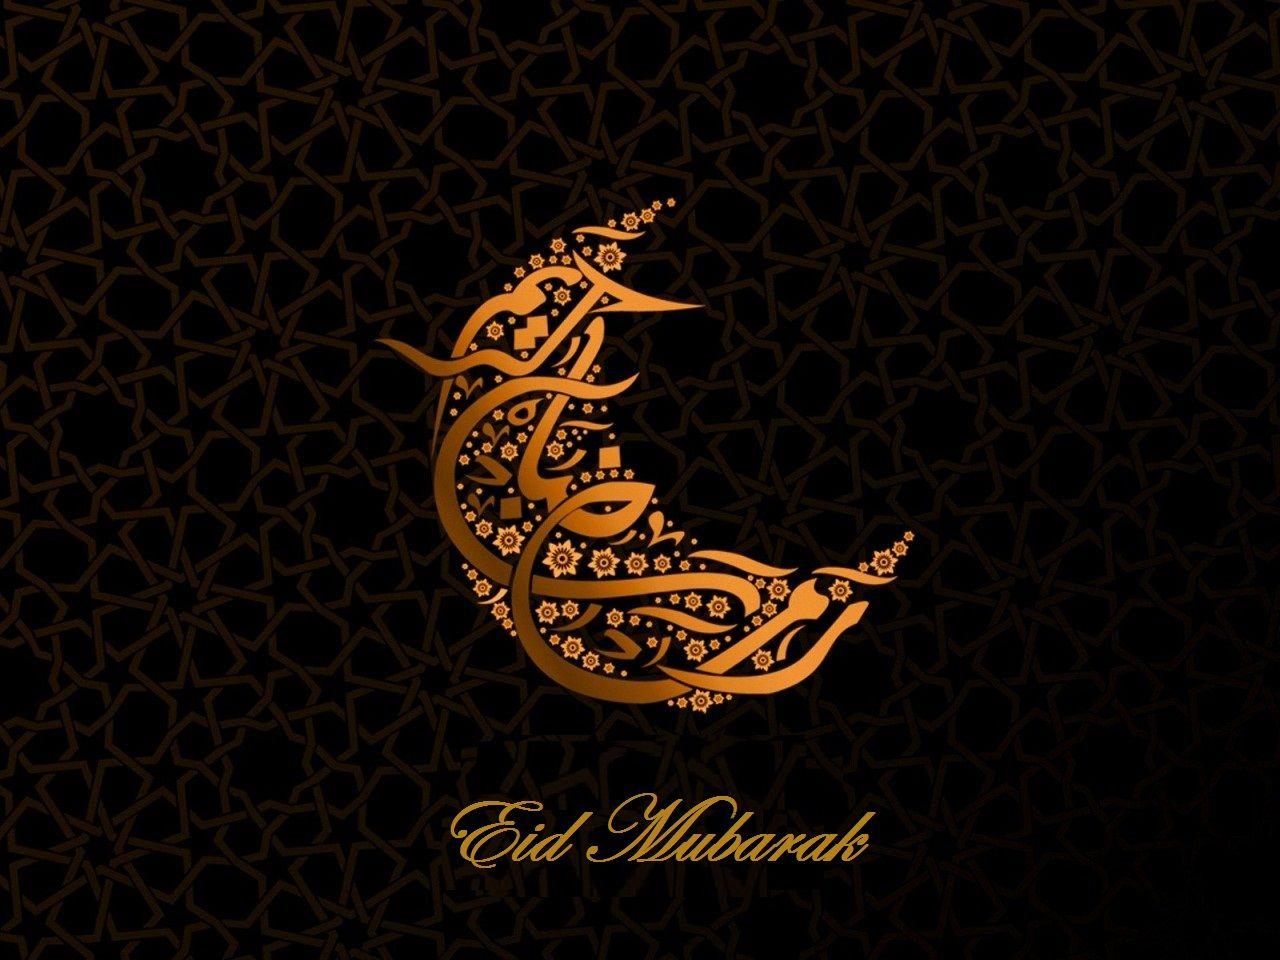 Eid mubarak whatsapp status wishes greetings sms quotes messages eid mubarak whatsapp status wishes greetings sms quotes messages kristyandbryce Choice Image